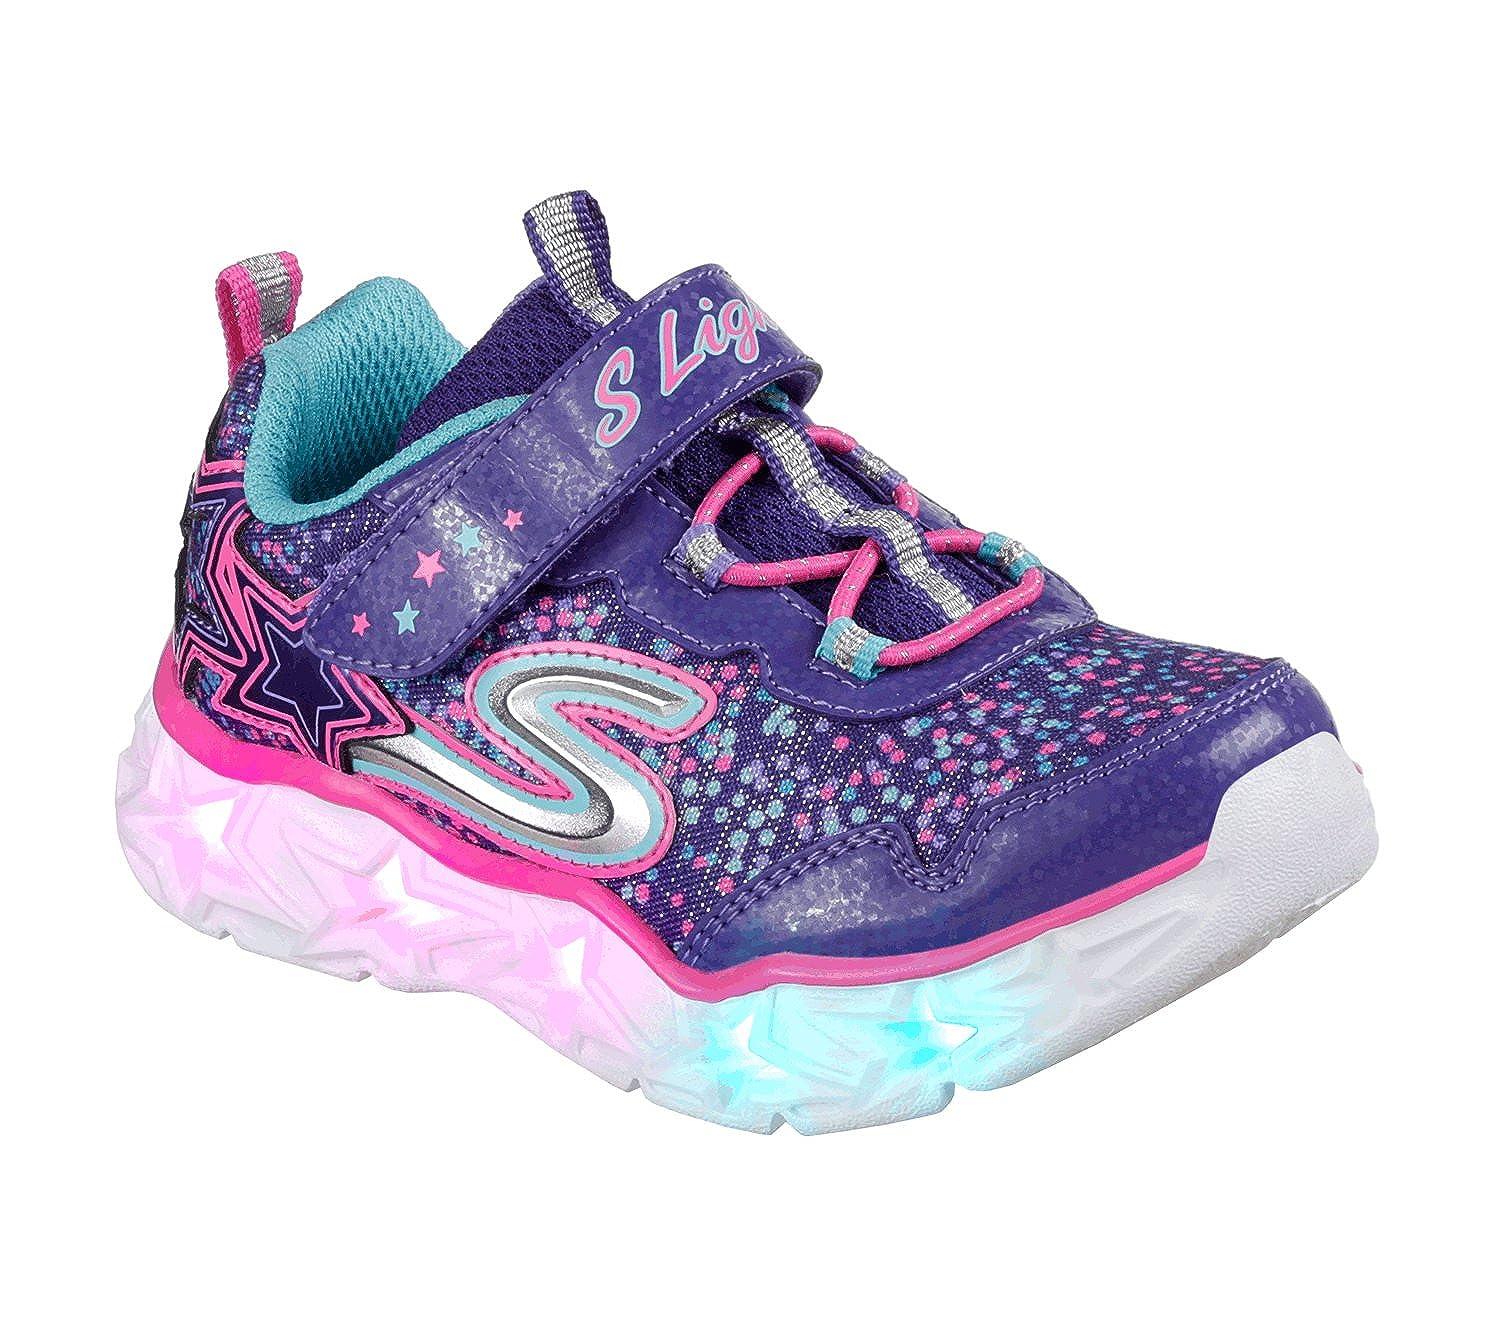 Skechers Kids' Galaxy Lights Sneaker,PurpleMulti,9 Medium